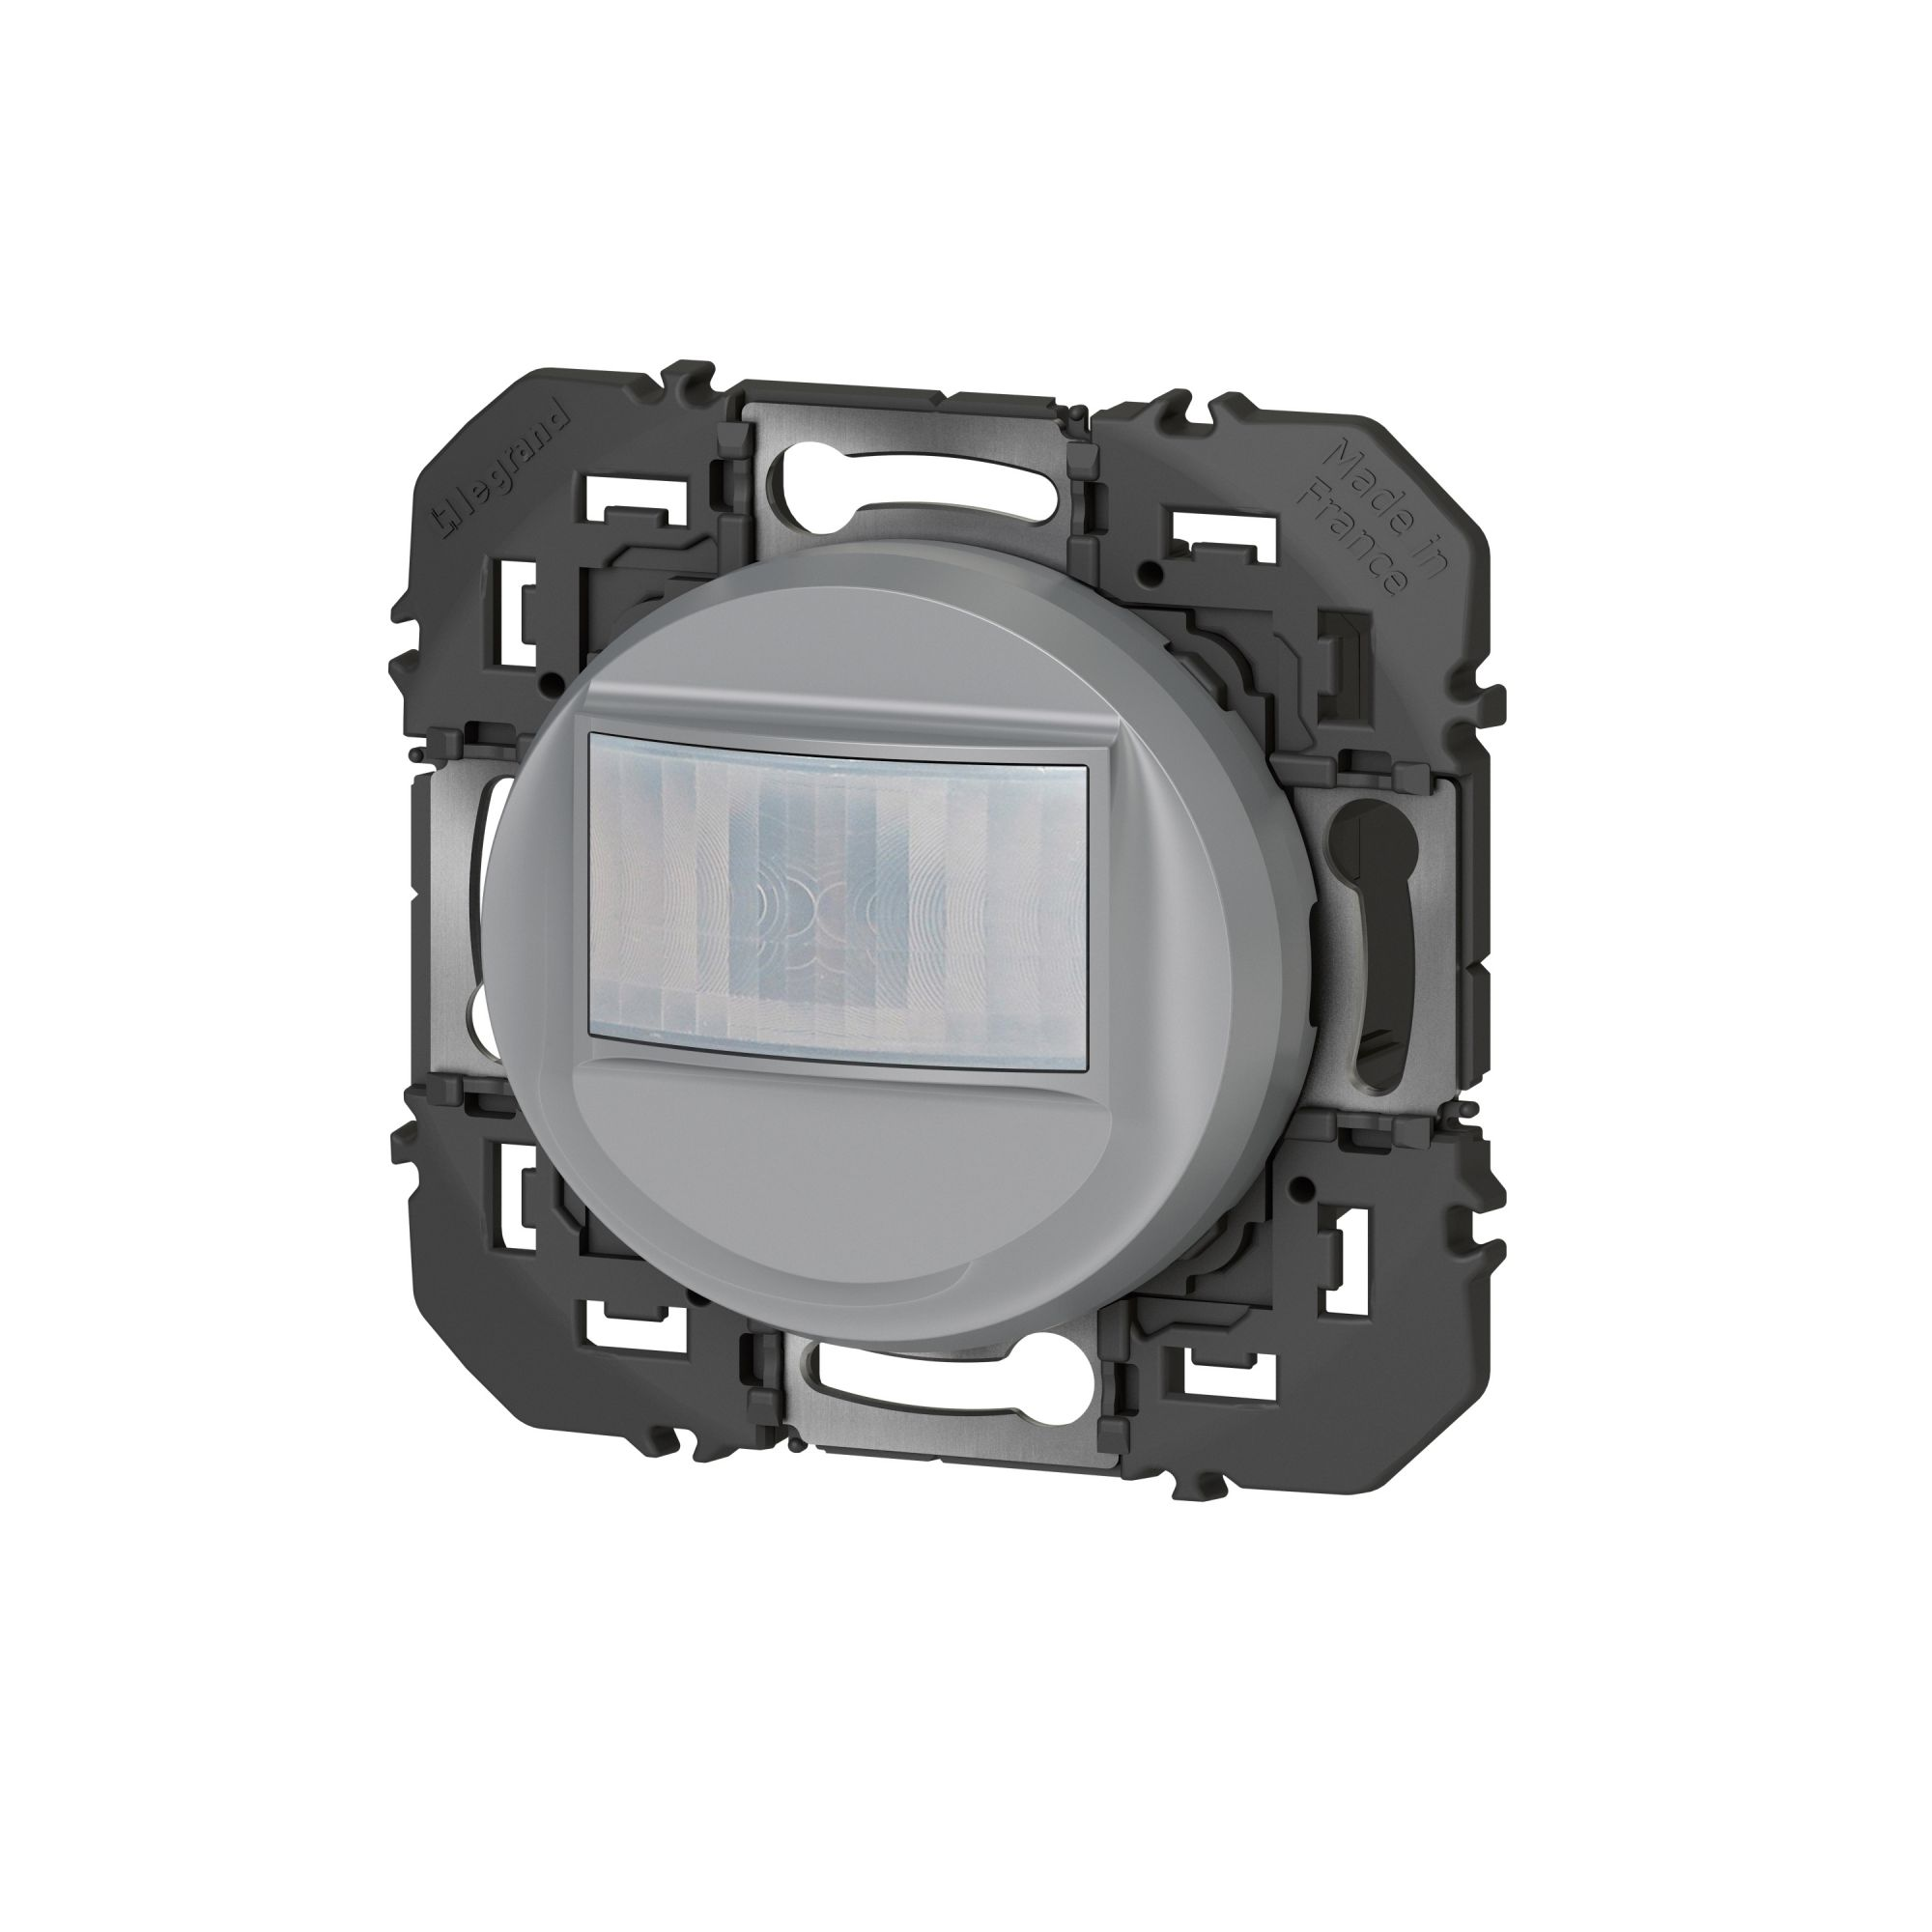 Interrupteur automatique dooxie 2 fils sans Neutre finition alu (095241)